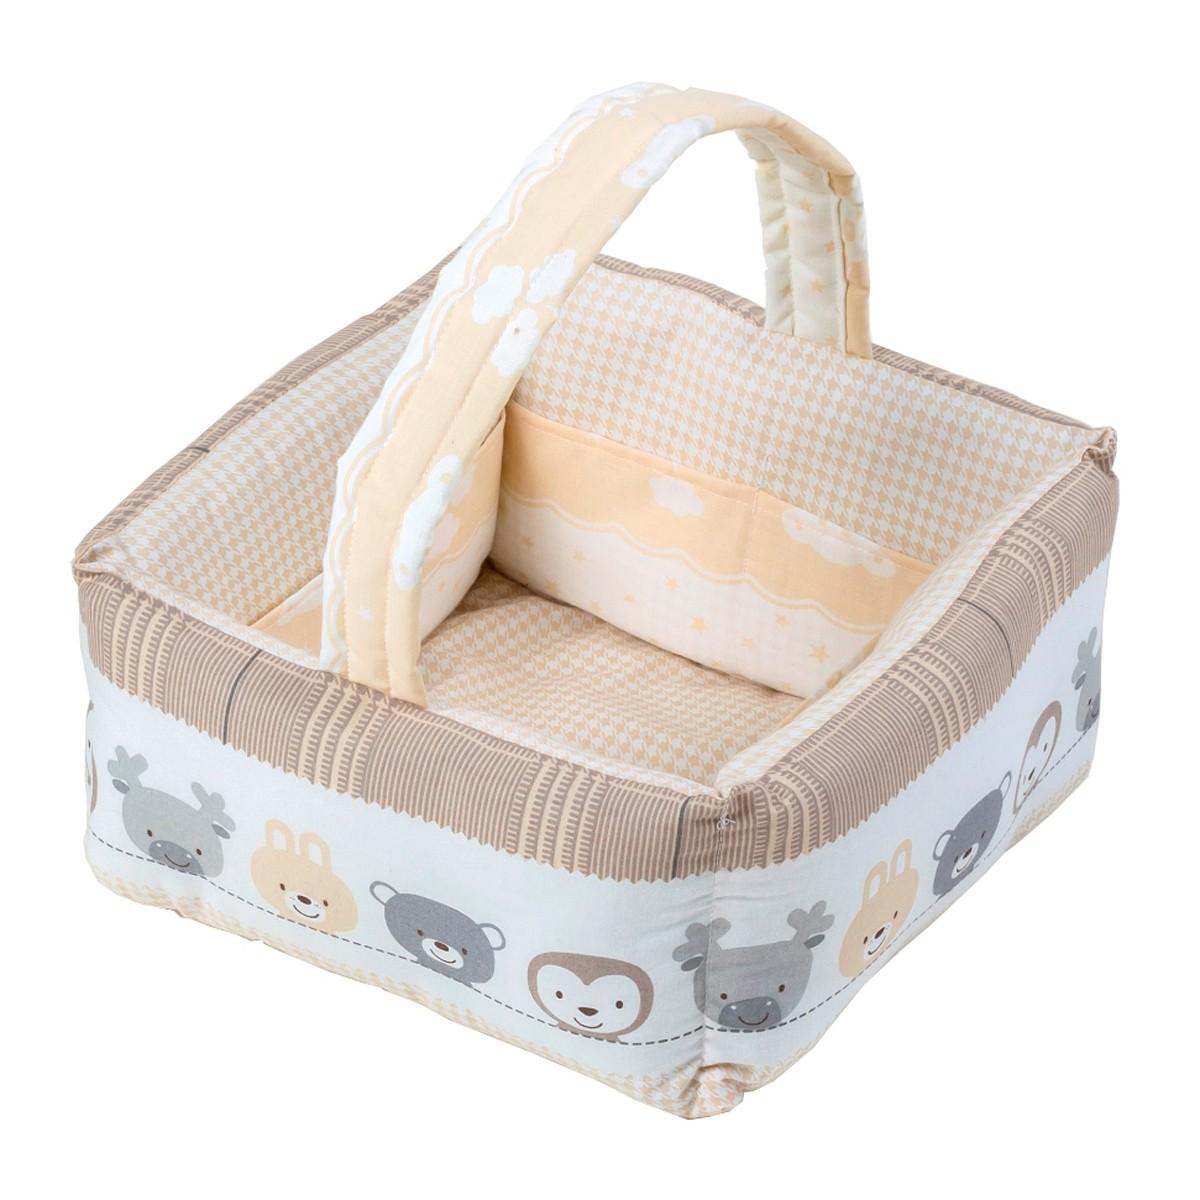 Καλαθάκι Καλλυντικών Κόσμος Του Μωρού 0684 Hug Μπεζ home   βρεφικά   νεσεσέρ βρεφικά